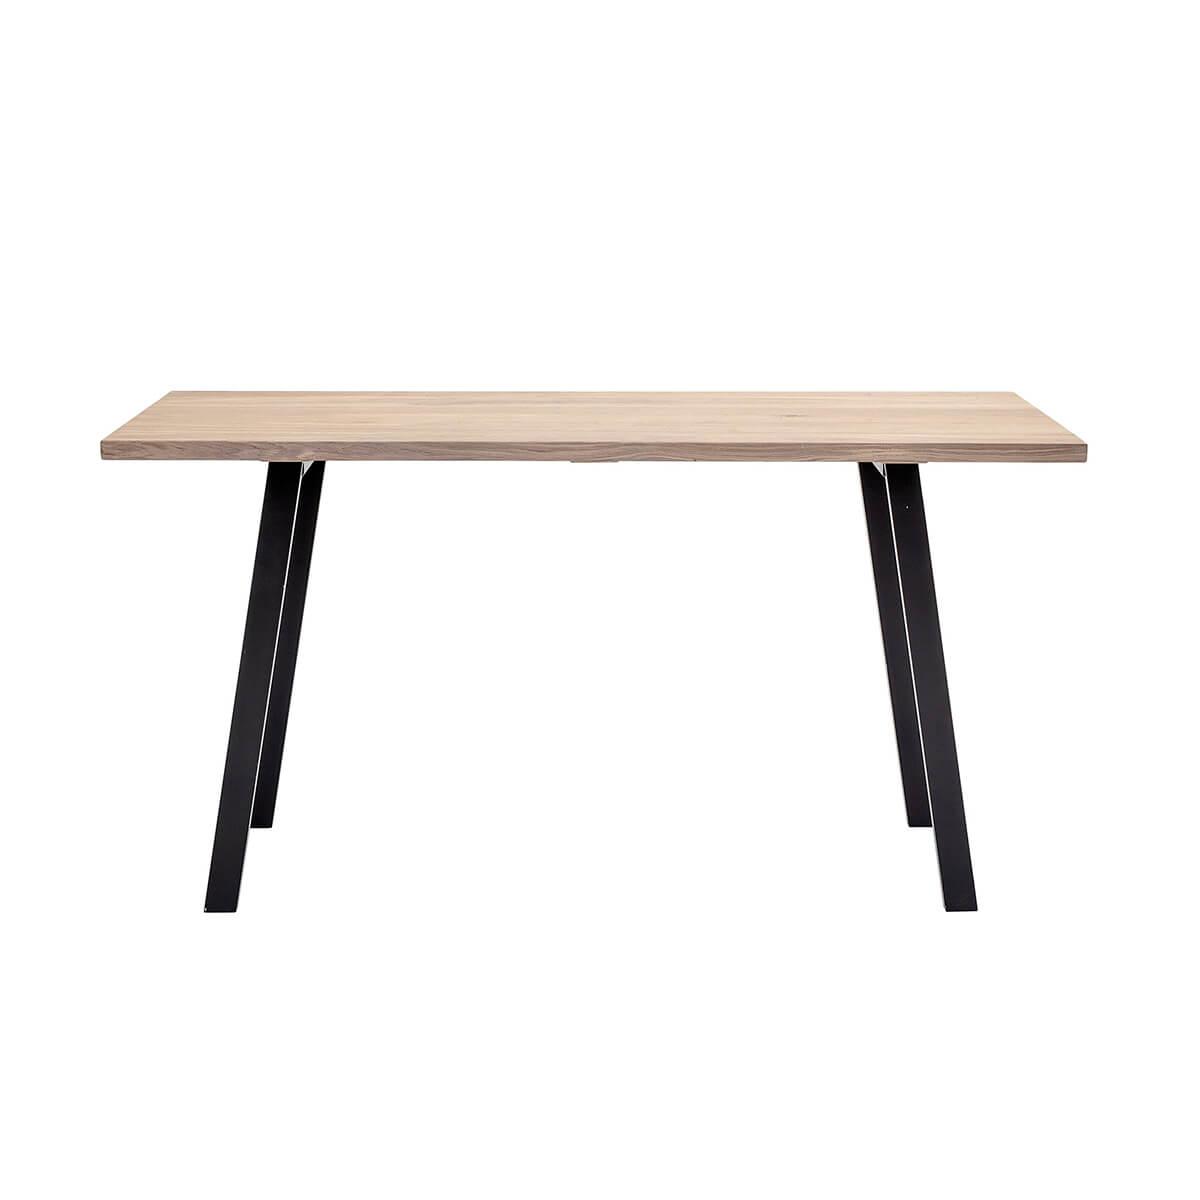 Tölgy asztal minimalista skandináv design